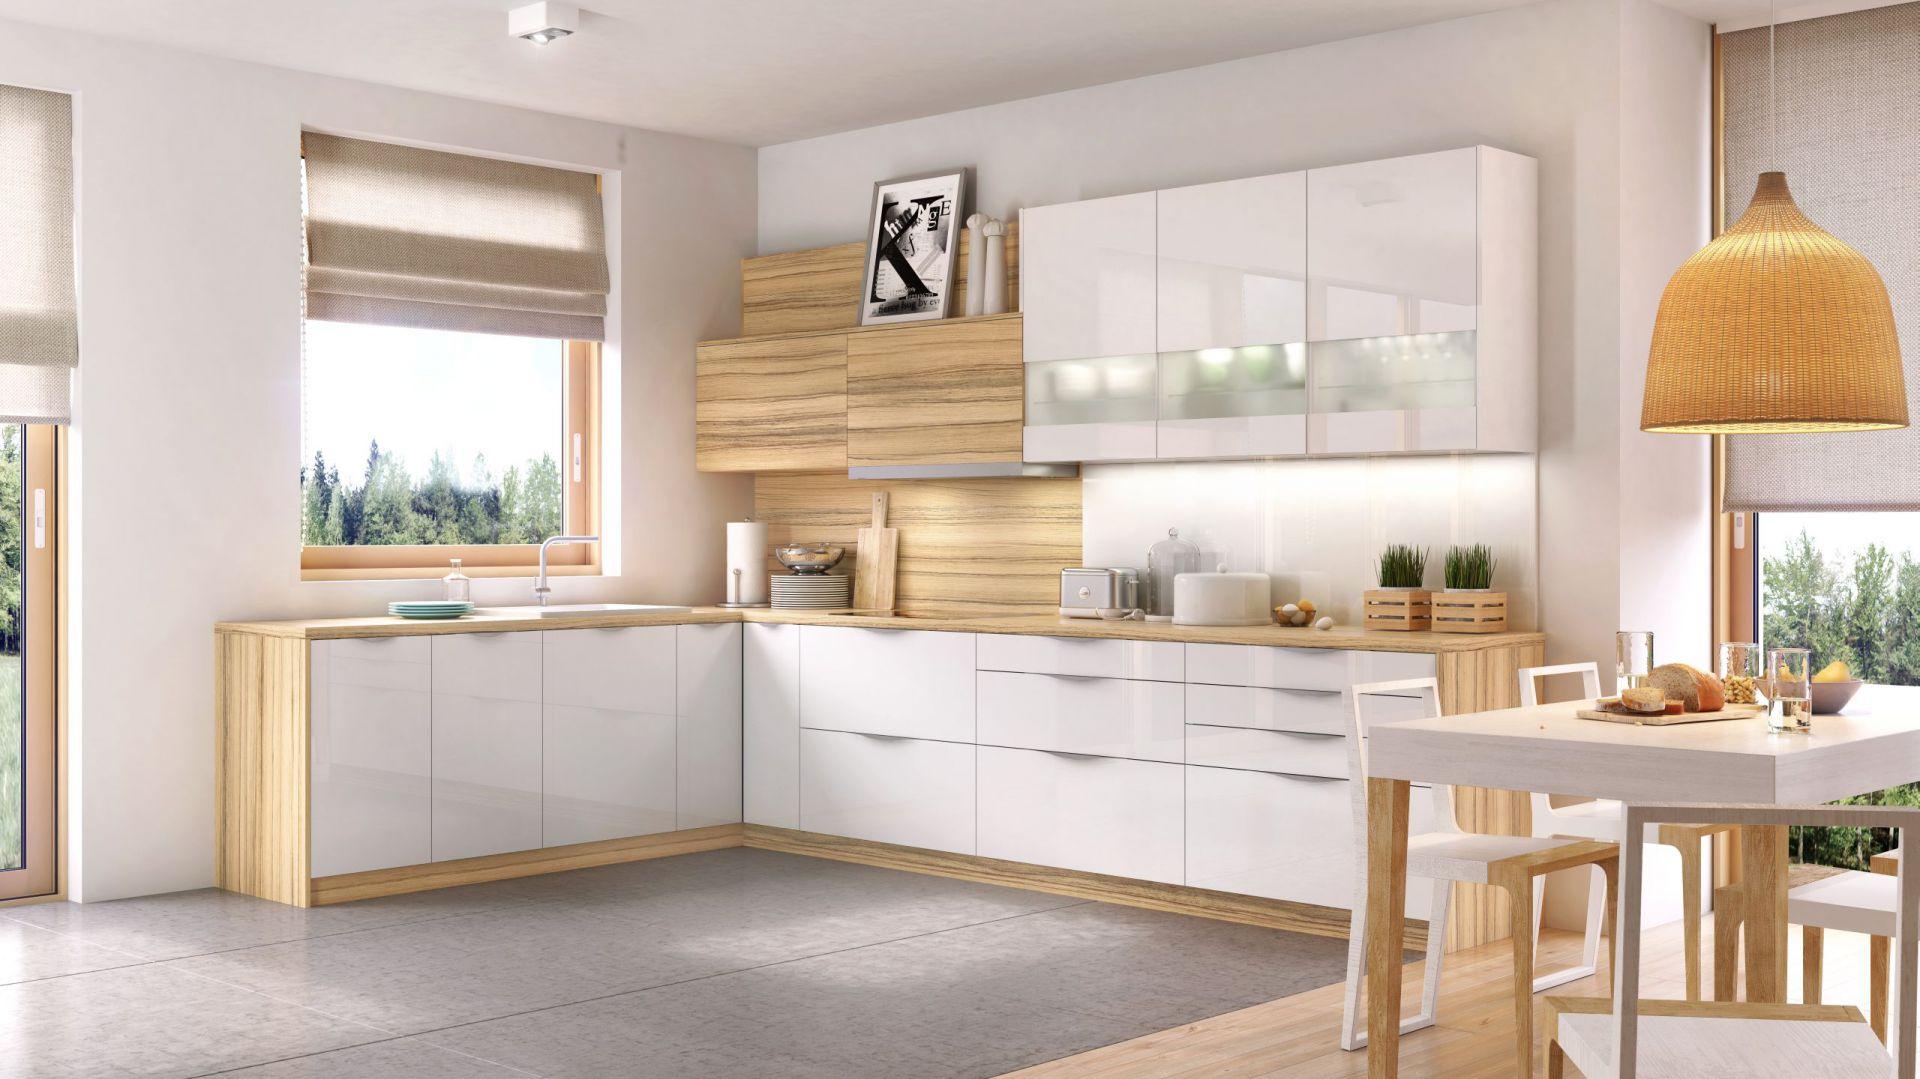 Subtelne piękno białych frontów z linii KAMmoduł Premium podkreślono delikatnymi uchwytami listwowymi i dekoracyjnymi elementami ze szkła mlecznego. Fot. KAM